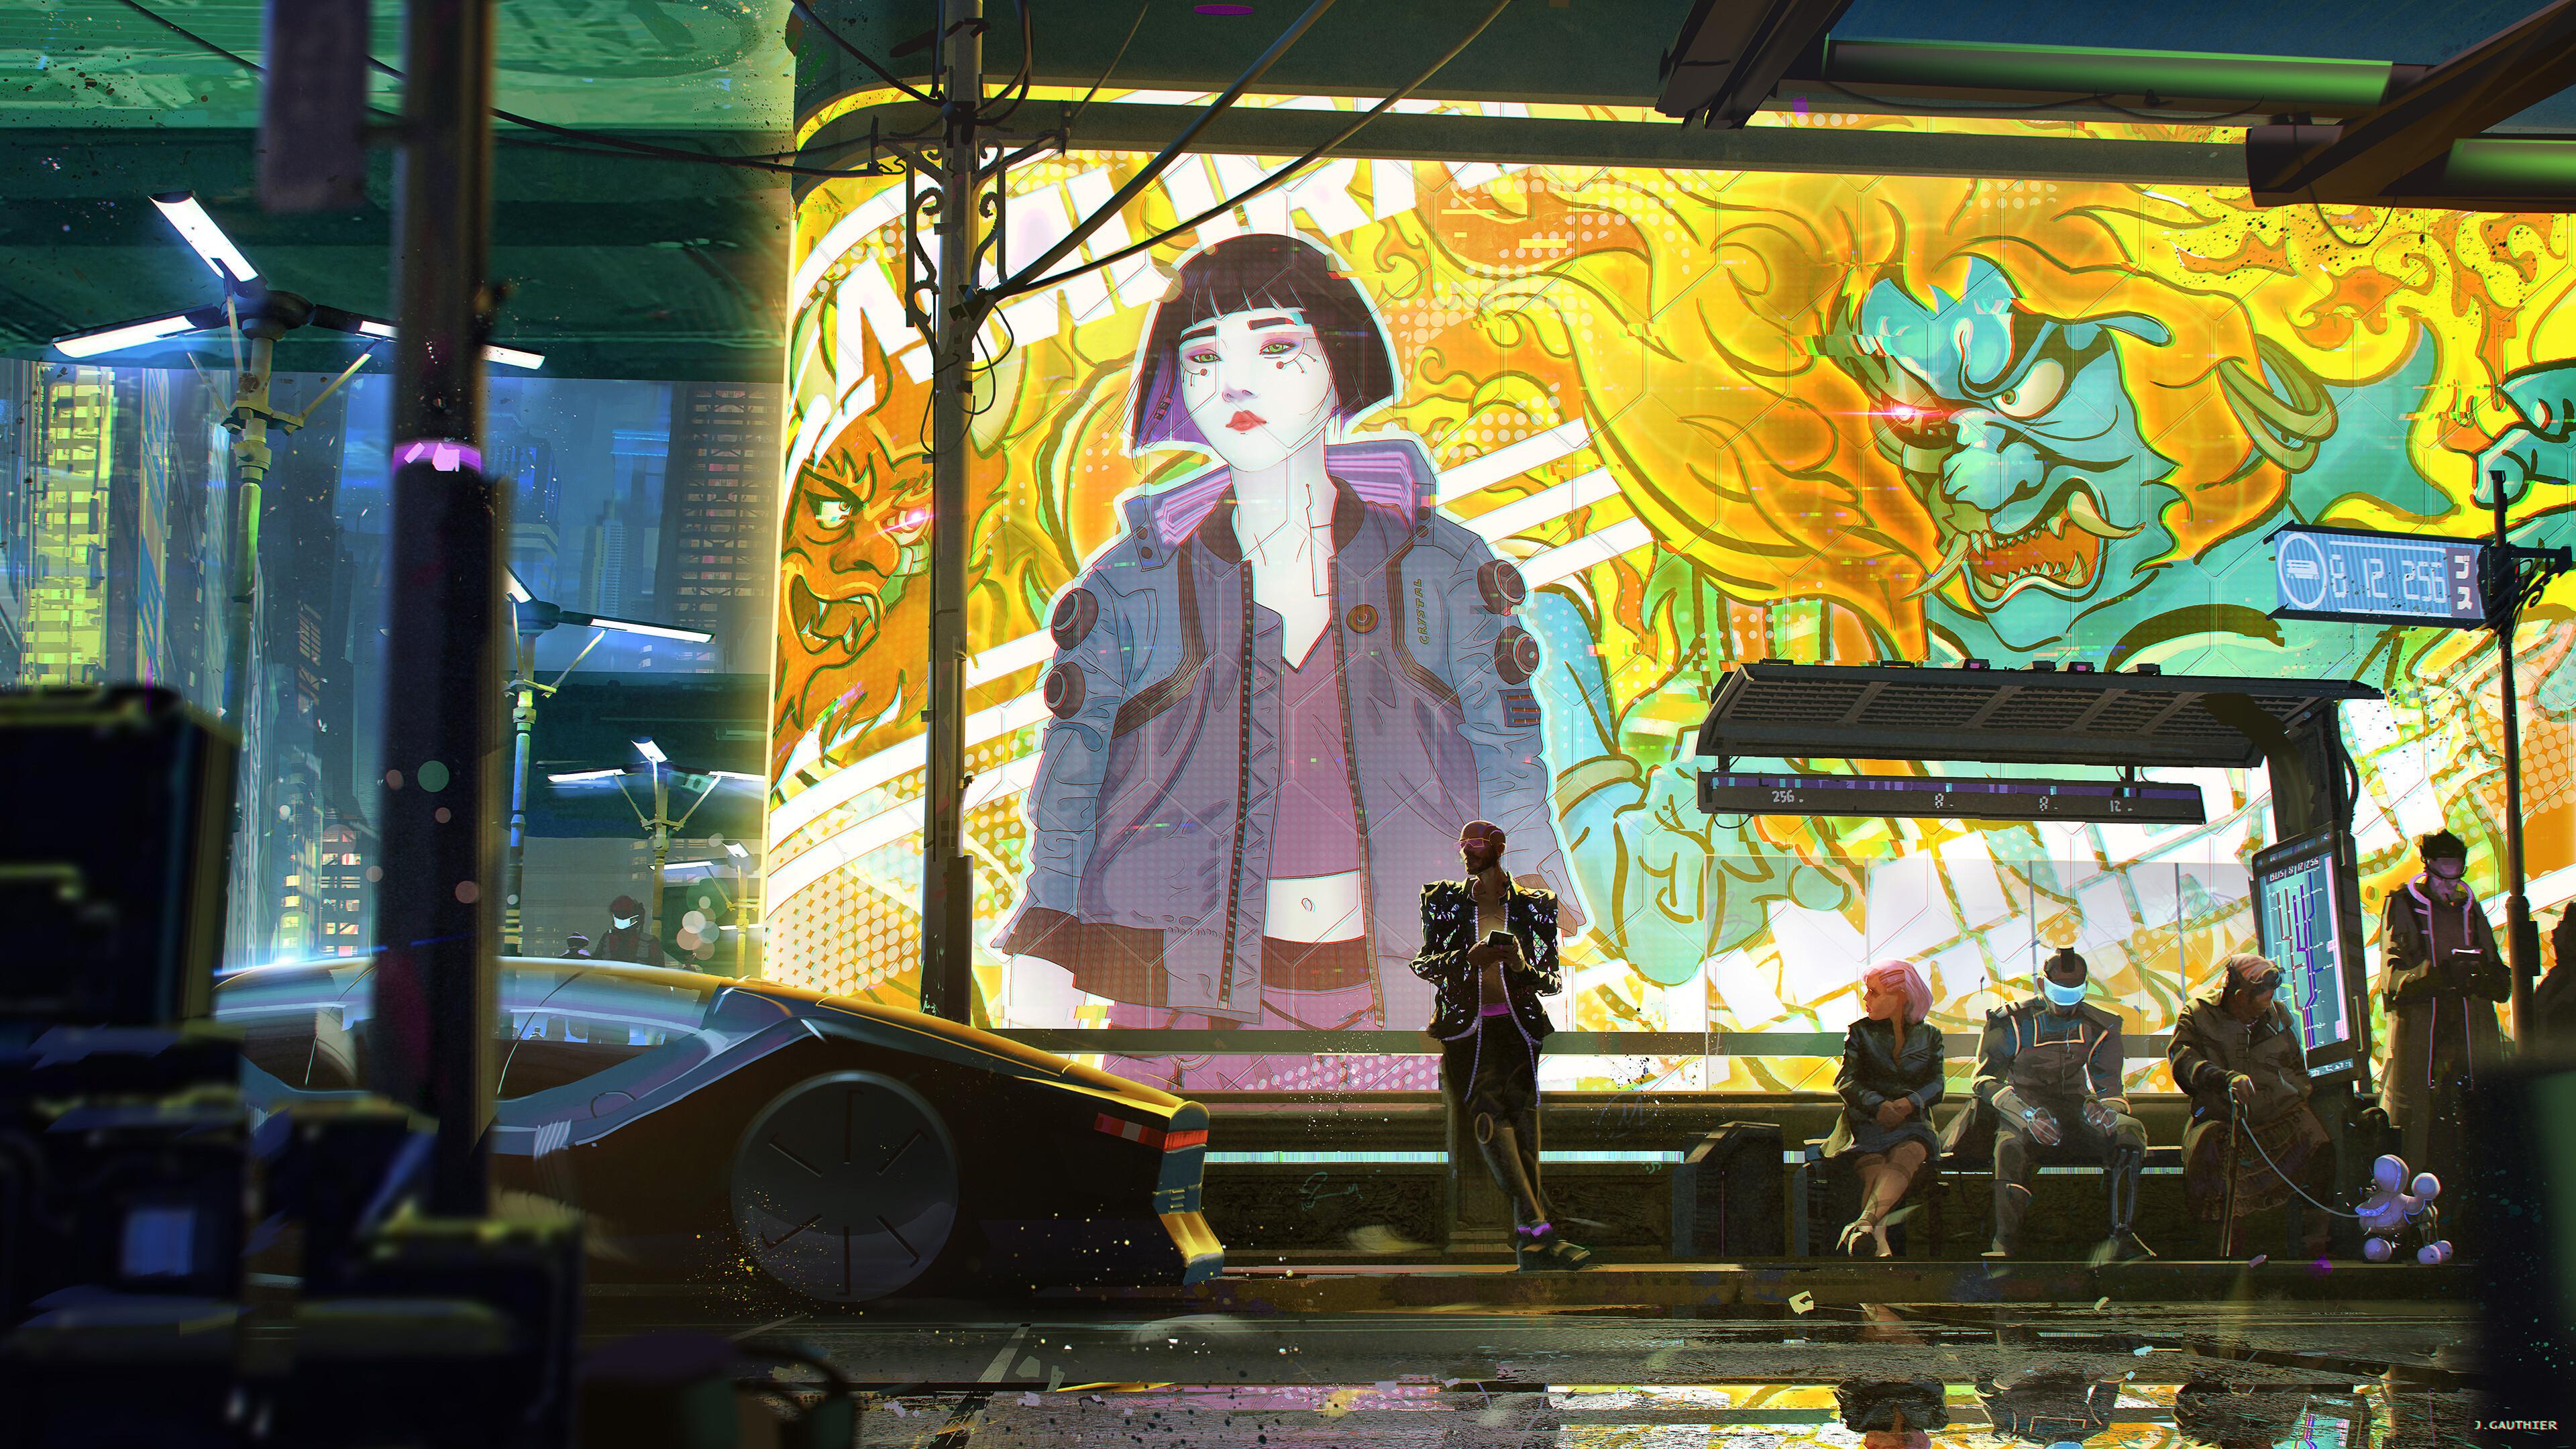 cyberpunk-2077-bus-stop-4k-12.jpg